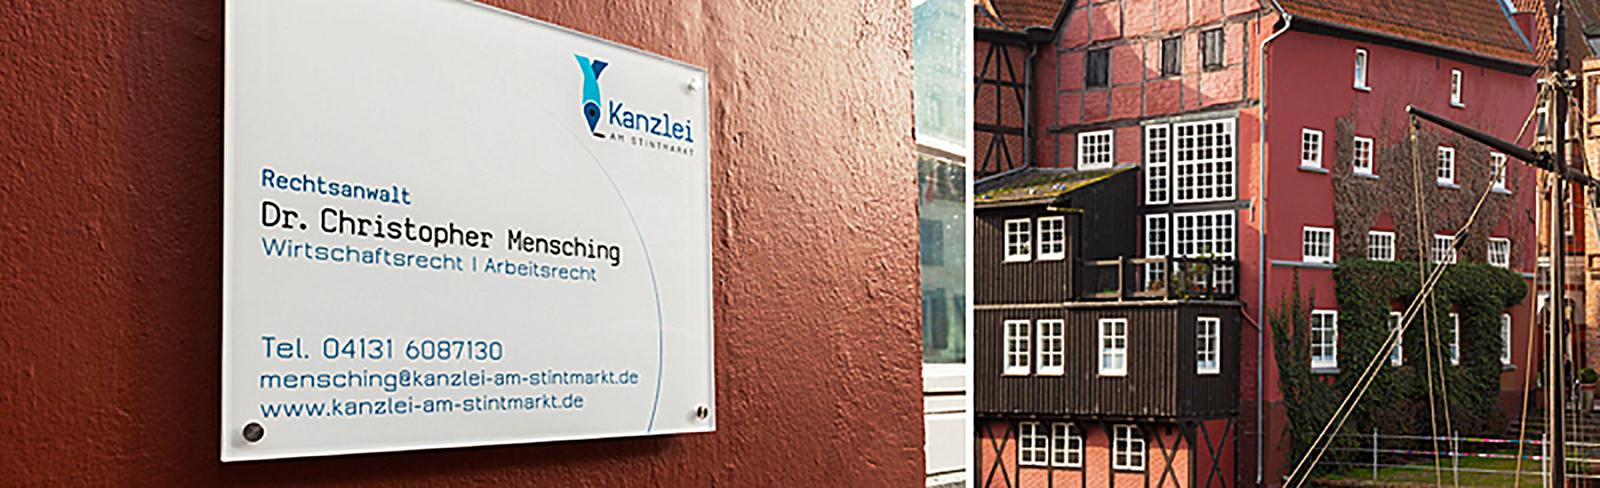 Kontakt mit Kanzlei am Stint in Lüneburg